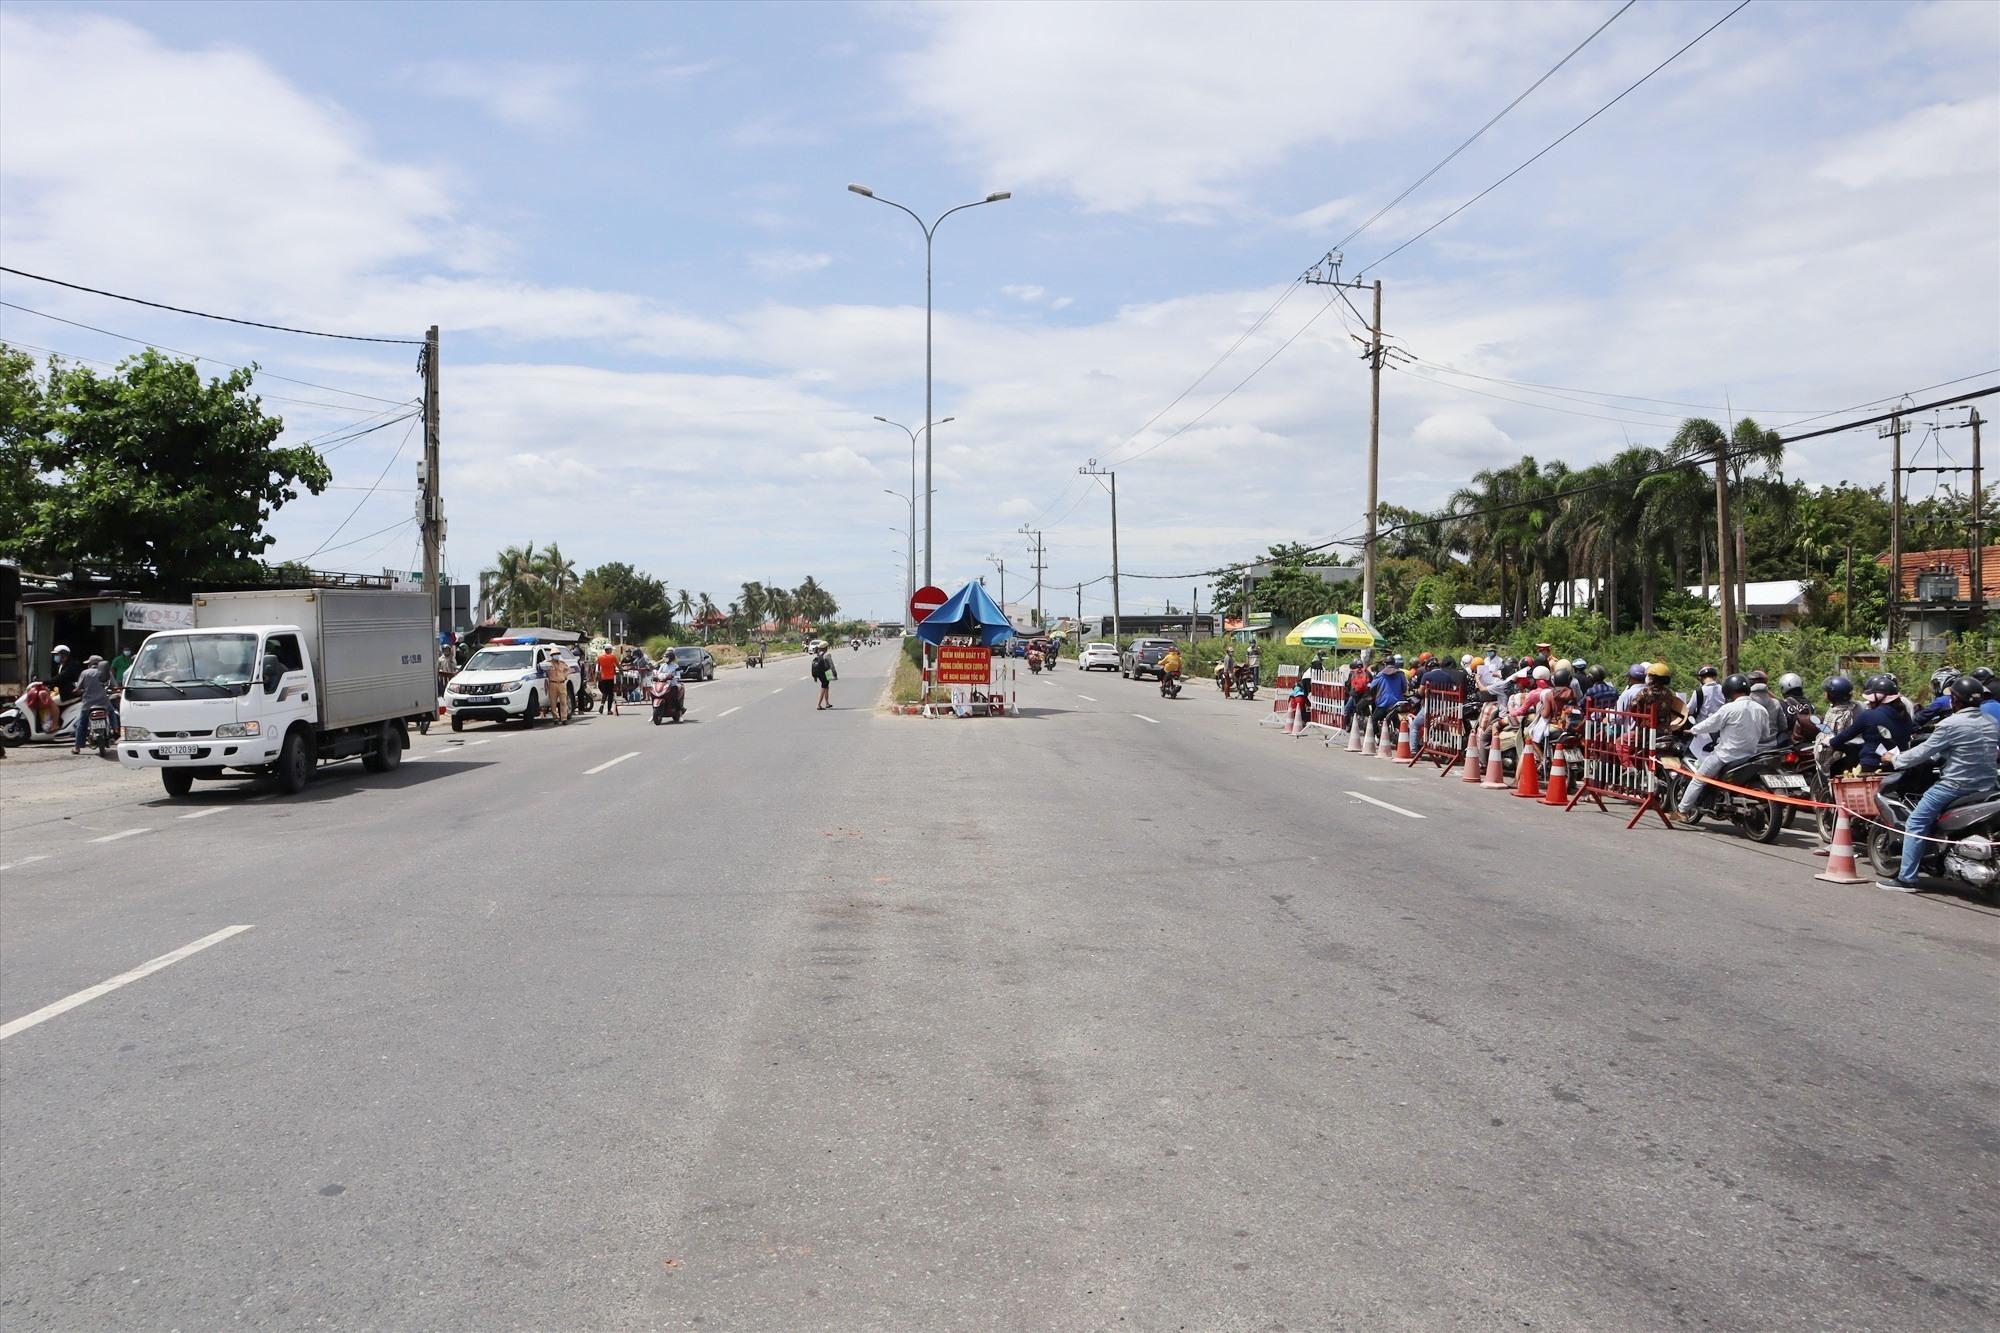 Ở chiều ngược lại, có rất ít người dân Quảng Nam ra TP.Đà Nẵng. Ảnh: Q.T